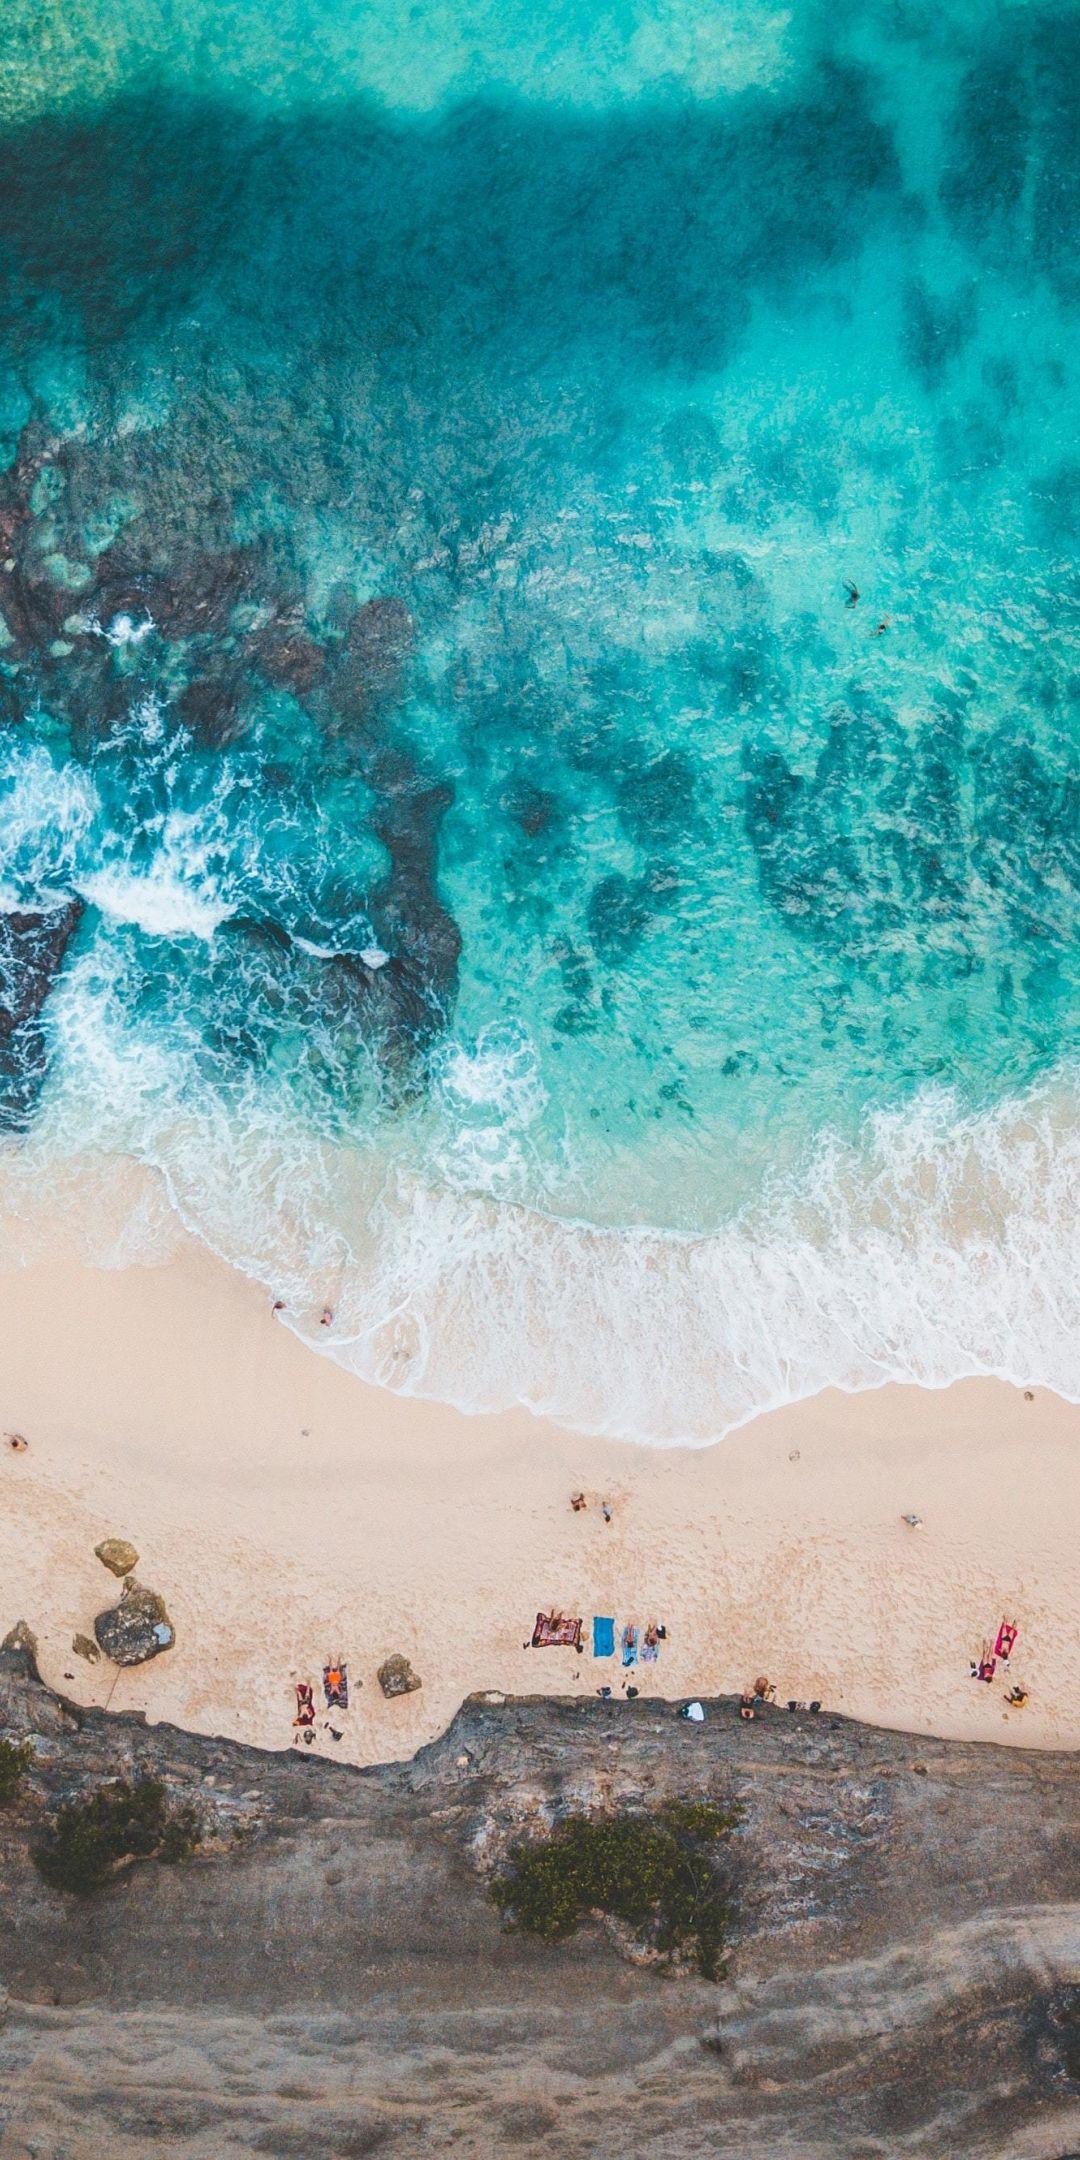 Exotic beach, blue-green sea, aerial view, 1080x2160 wallpaper